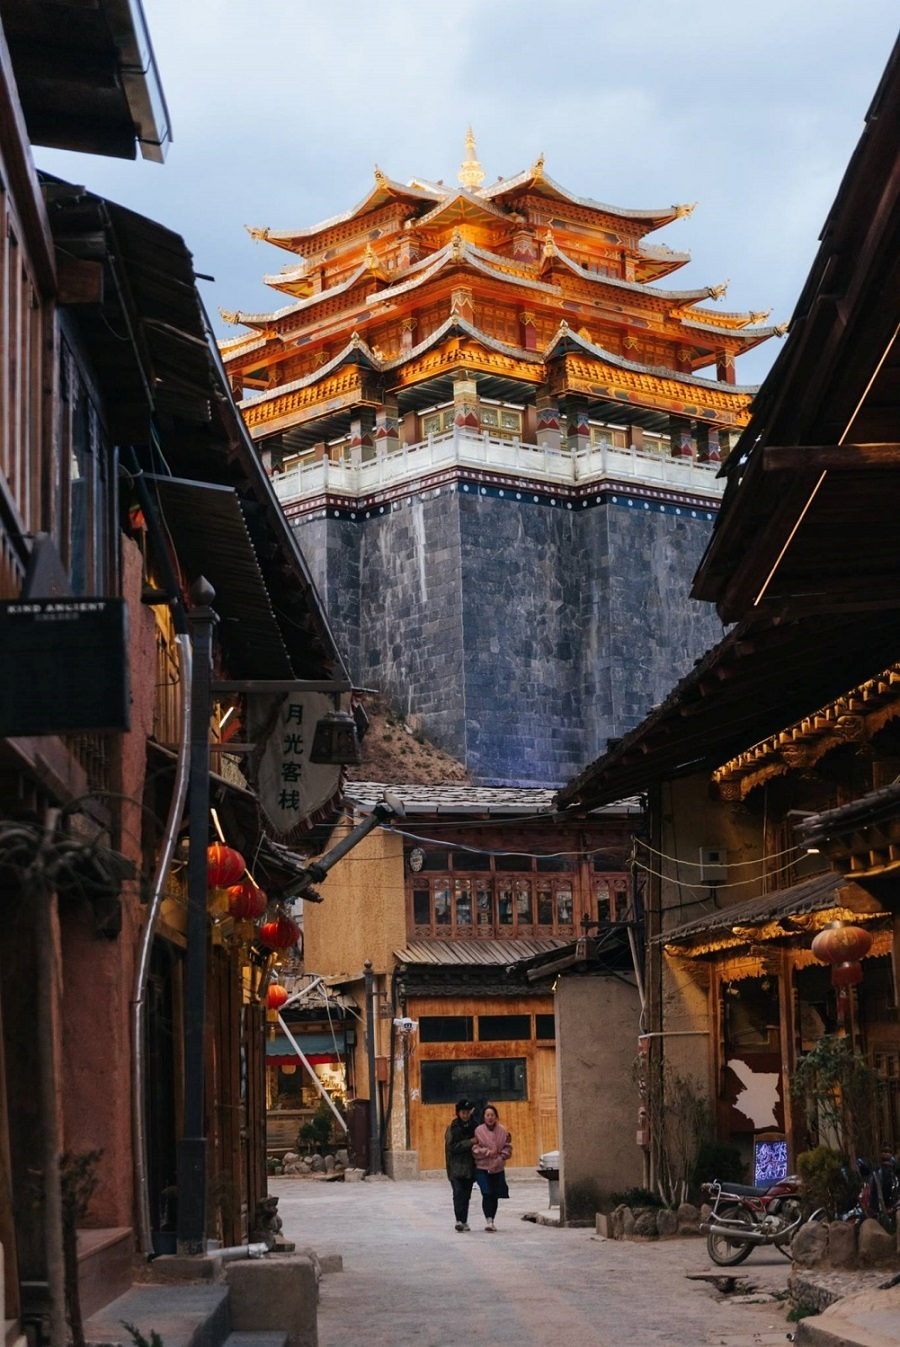 Ở đây, nhóm tham quan Đại Phật Tự trên ngọn đồi cao. Ngôi chùa được xây dựng thời vua Khang Hy, trông rất kiên cố. Buổi tối, chùa càng lung linh thêm dưới ánh đèn và màu sắc của cờ Lungta. Trước khi bước vào tham quan nơi này, du khách thường bị thu hút bởi bánh xe cầu nguyện bên ngoài.